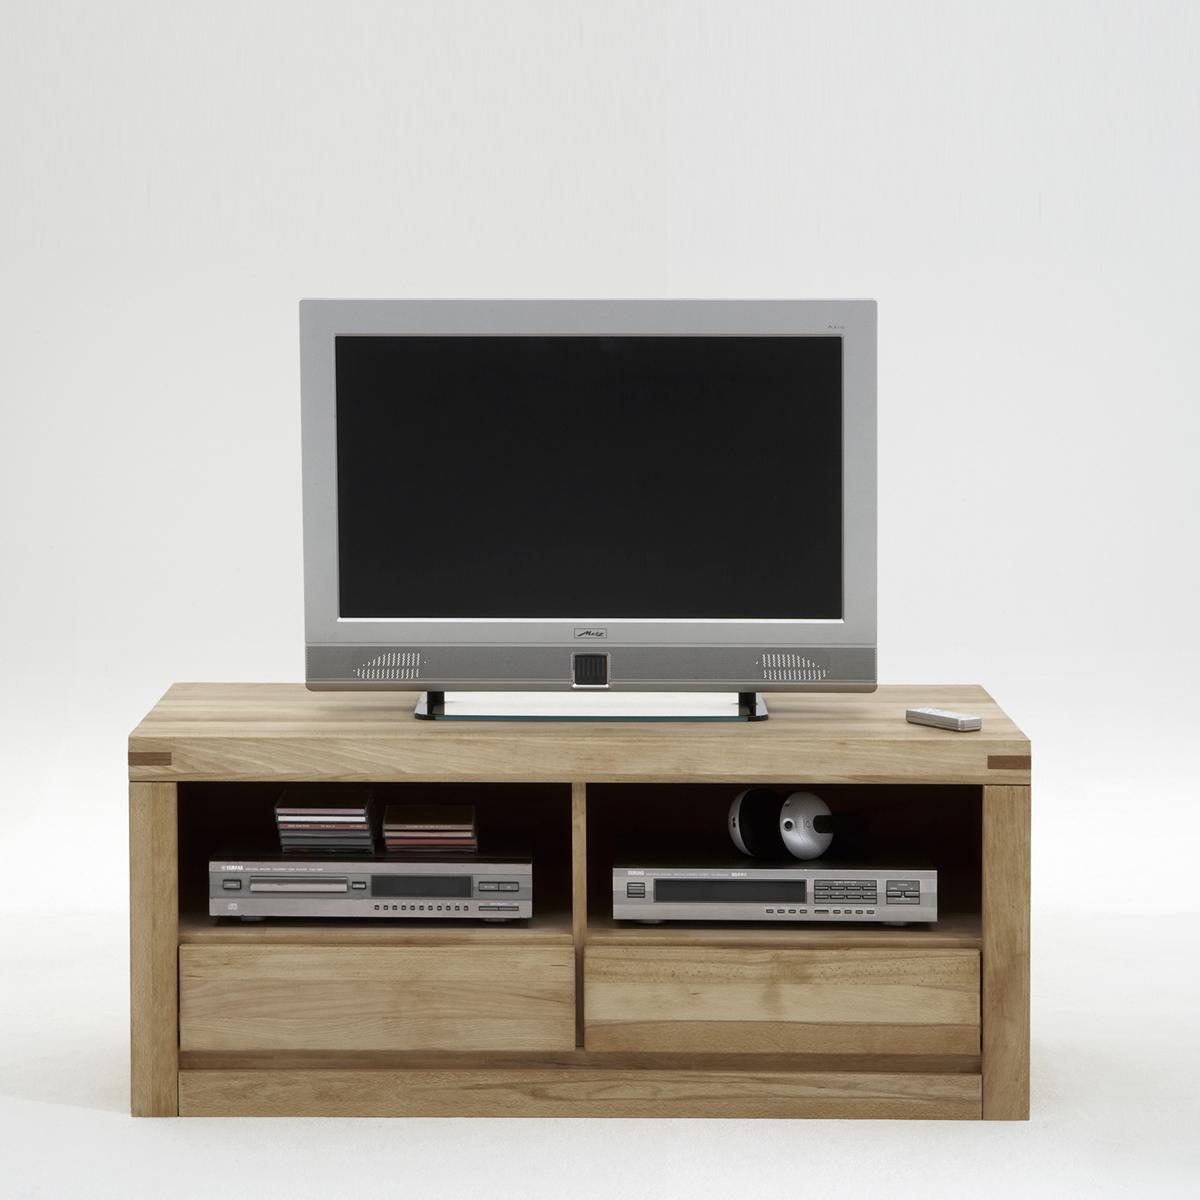 Wohnzimmer Board  Jtleigh.com - Hausgestaltung Ideen